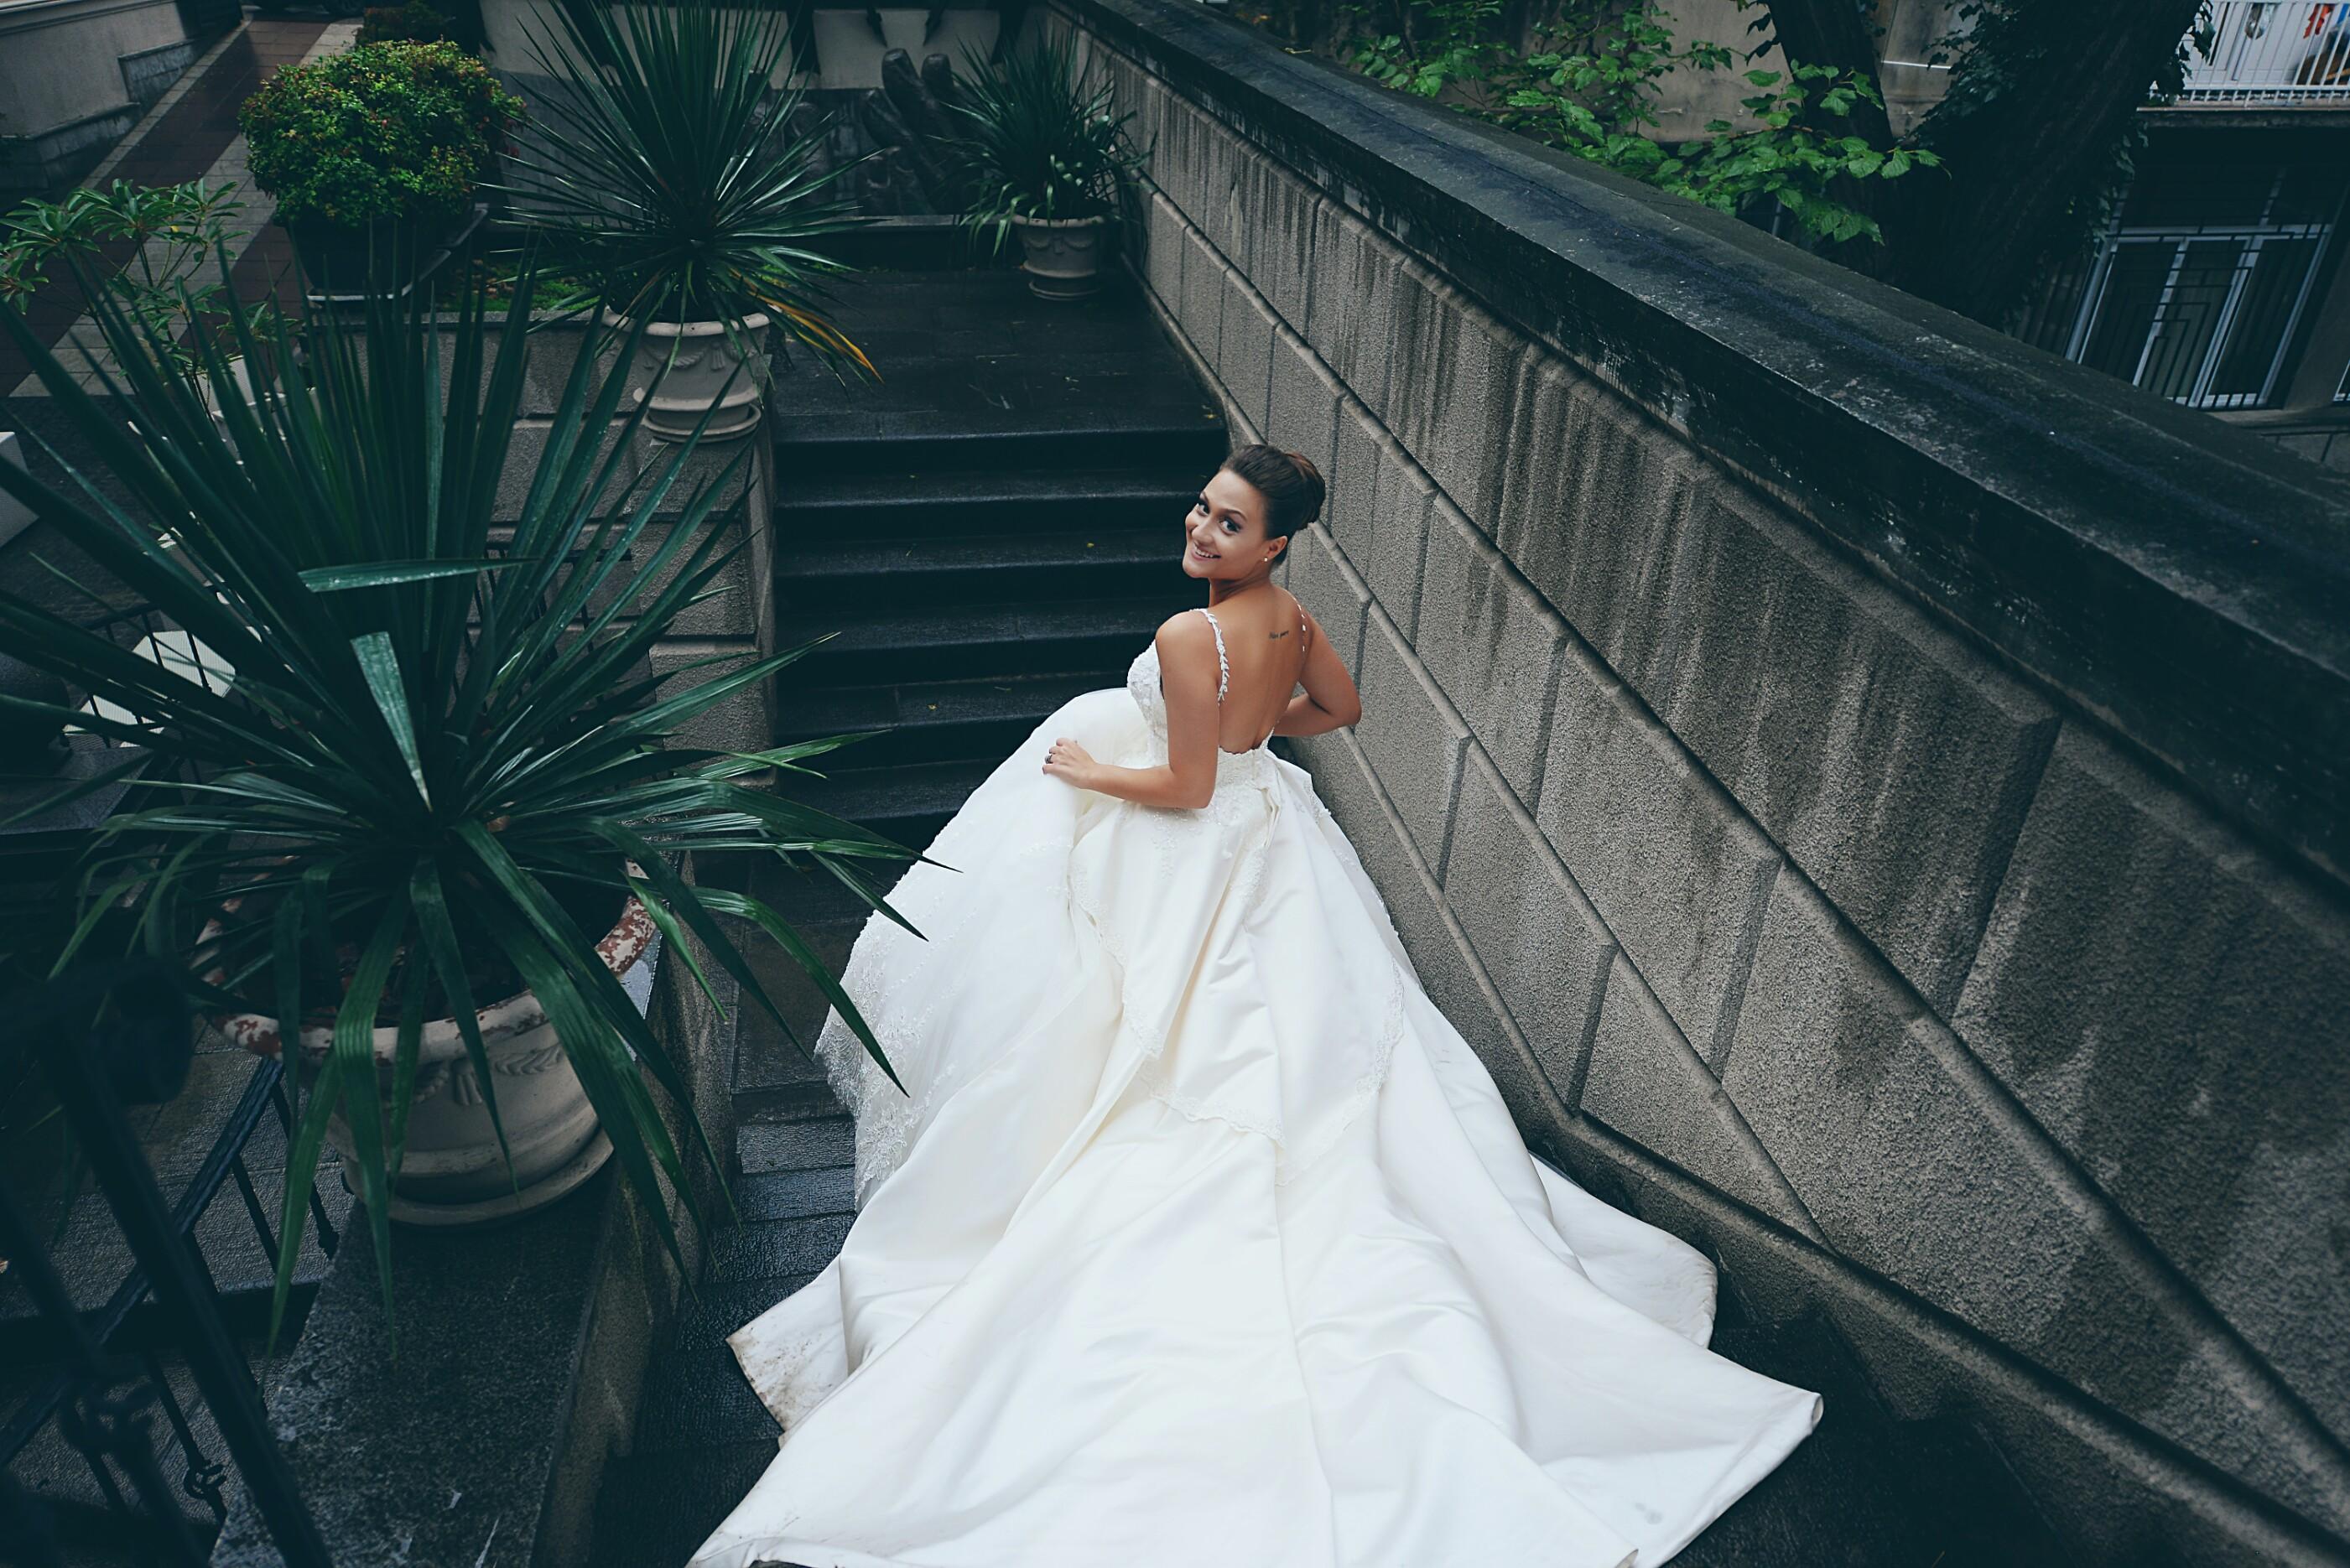 #wedding #weddingdress #weddingphotography #bride